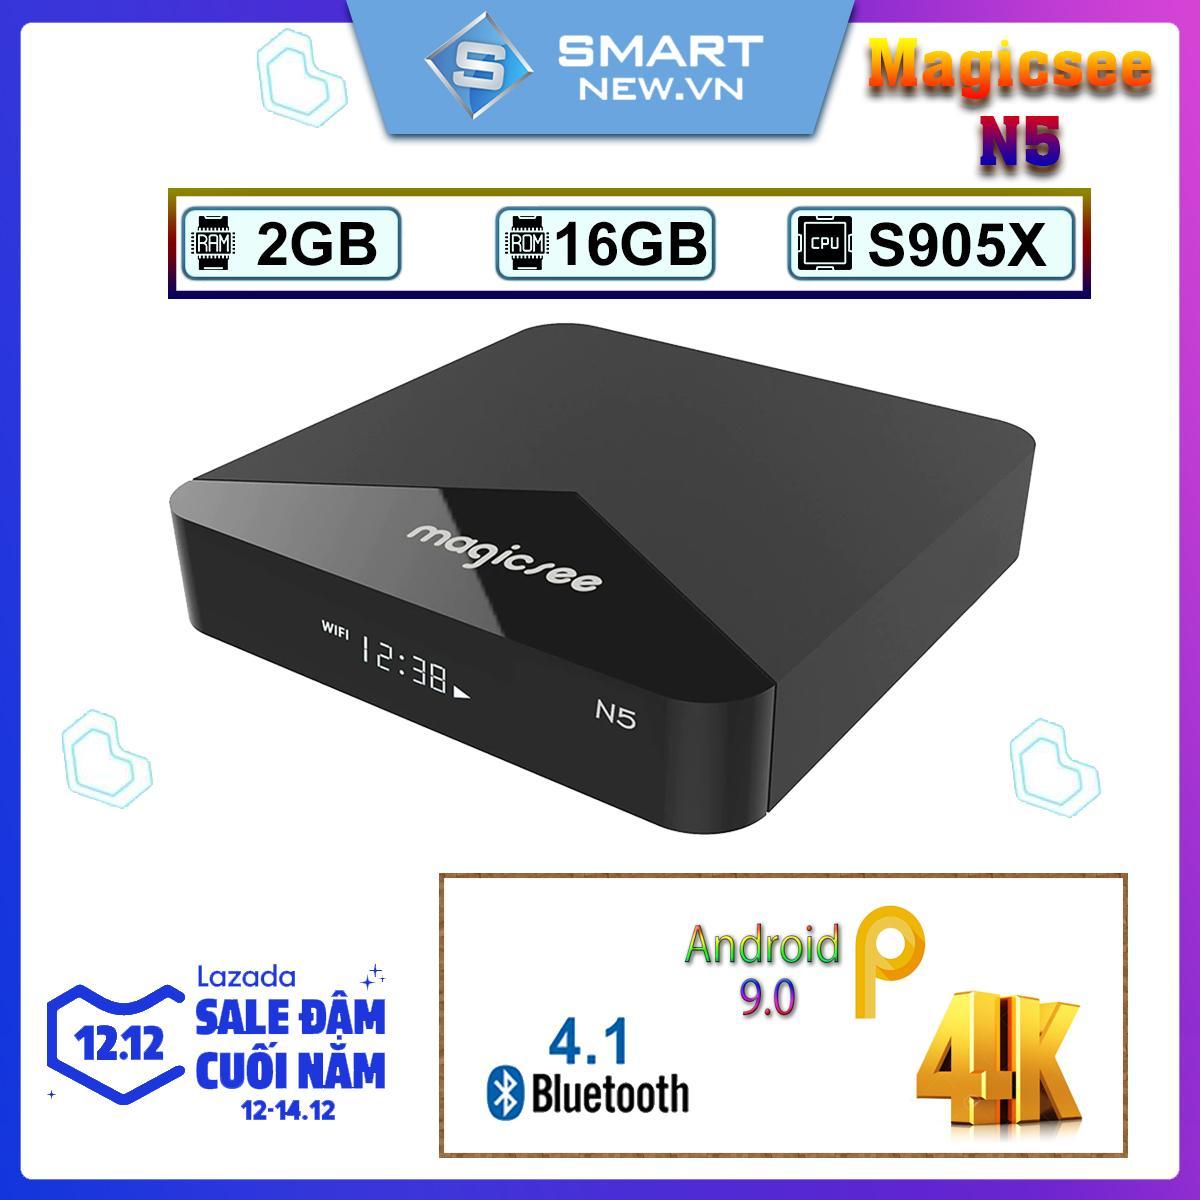 Lazada Ưu Đãi Khi Mua [Có Video] Android Tivi Box Magicsee N5  - Ram 2GB Rom 16GB Single Wifi - Có Bản Rom ATV - Bảo Hành 12 Tháng